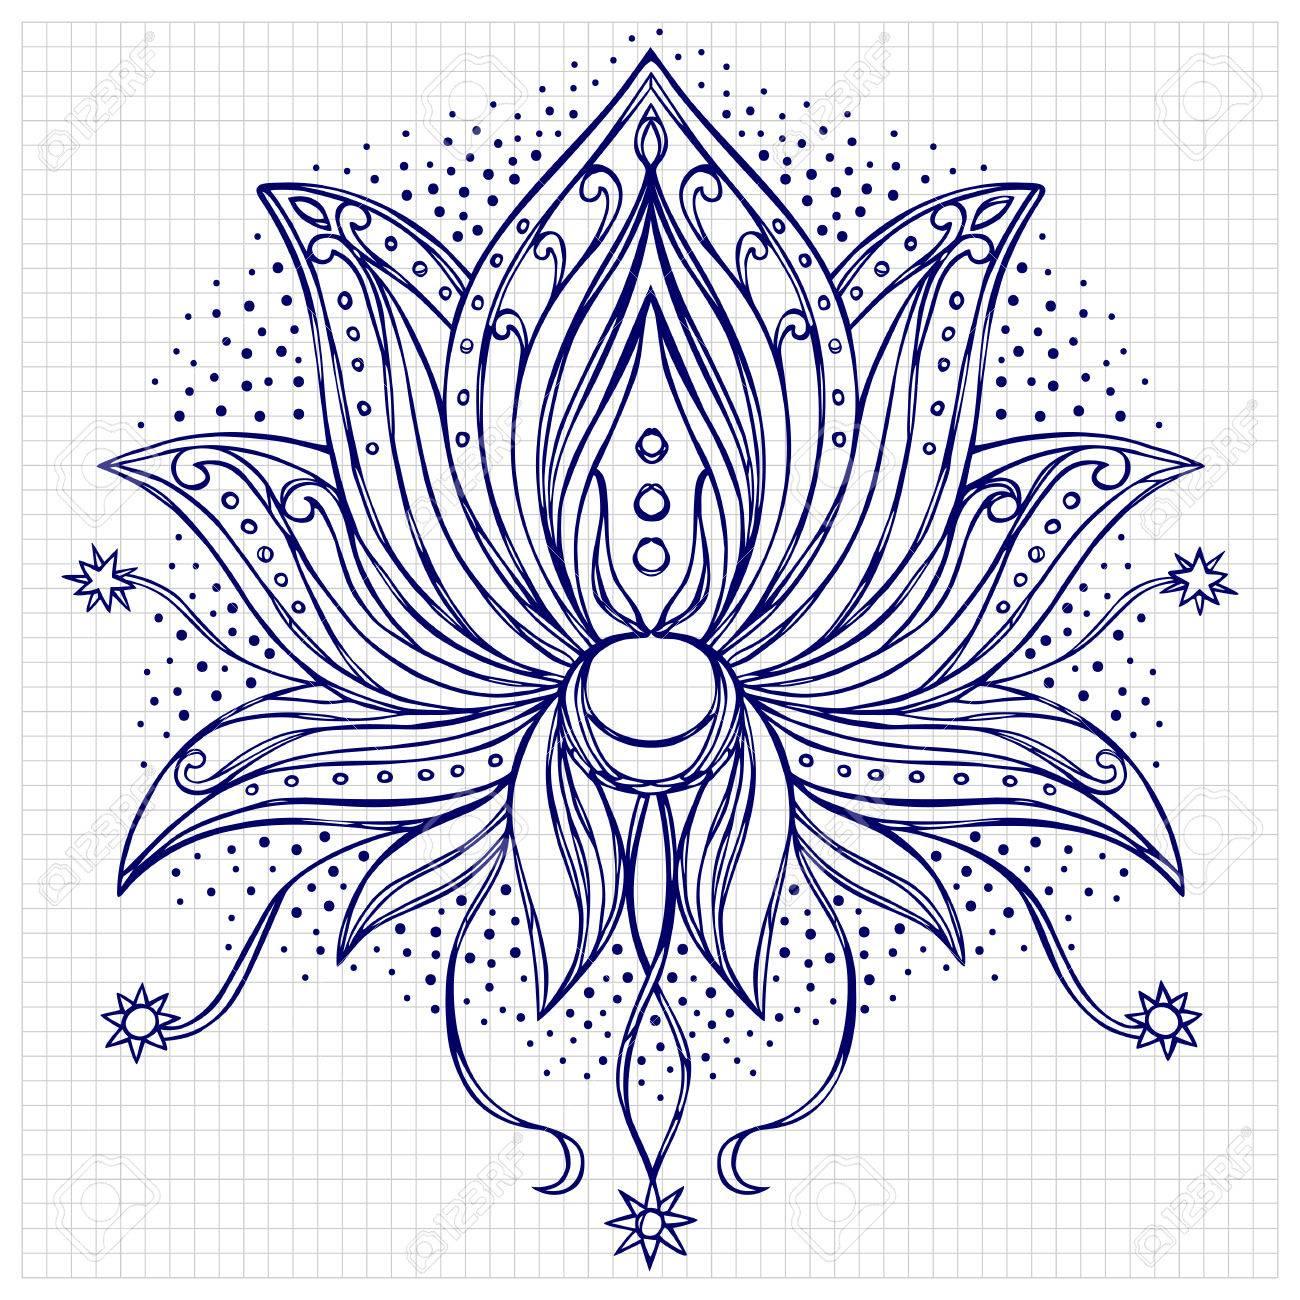 Doodle lotus floral symbol for amulets textile prints tattoos doodle lotus floral symbol for amulets textile prints tattoos coloring page mightylinksfo